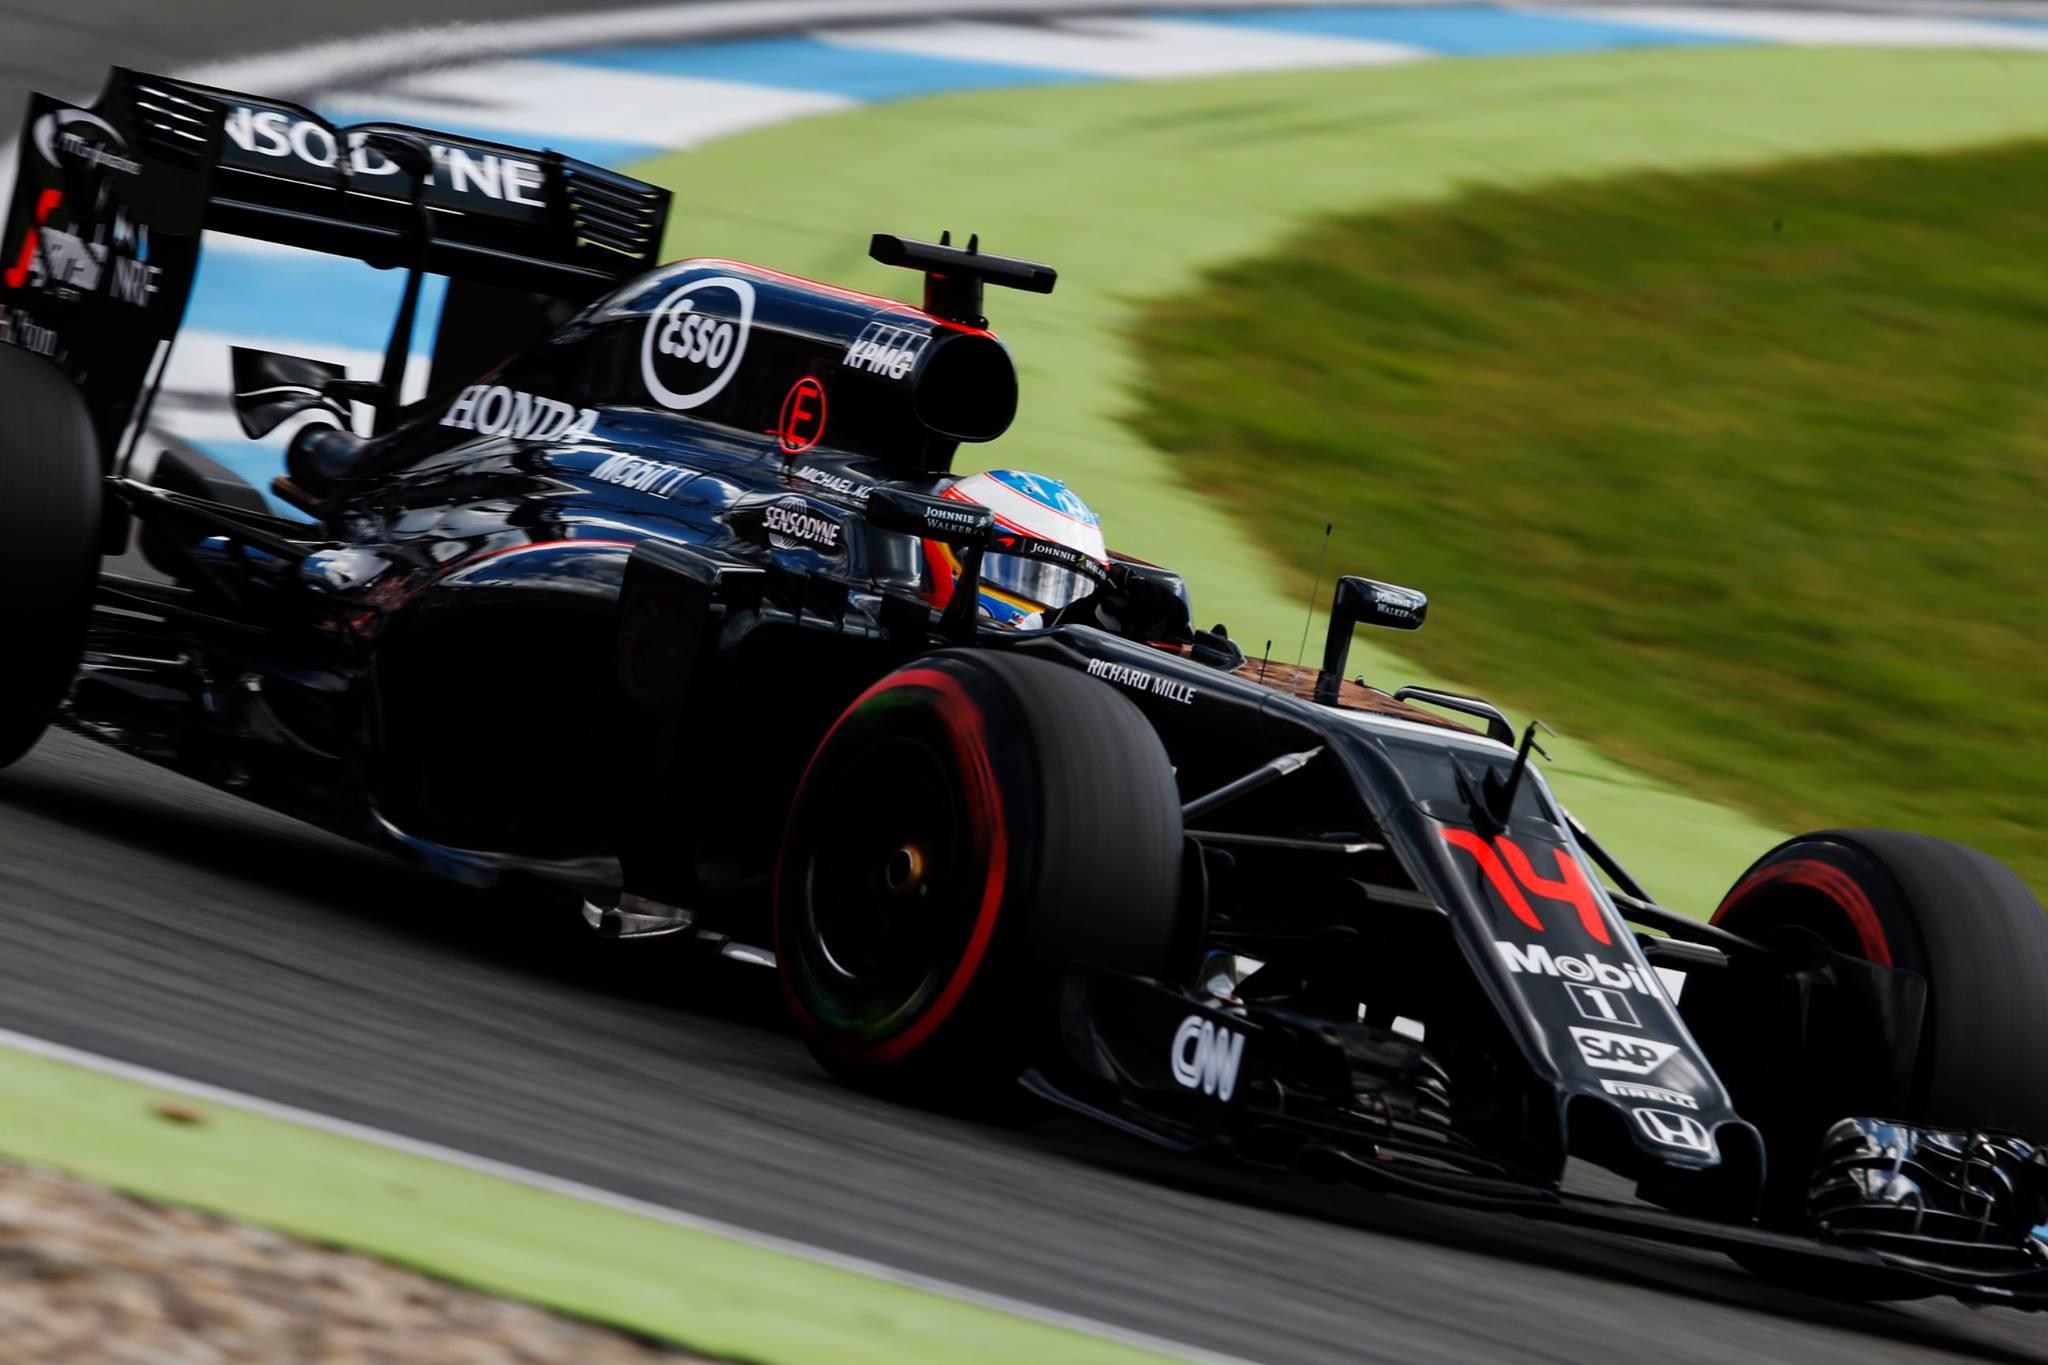 Alonso com seus 35 anos larga em 13º com a Mclaren-Honda